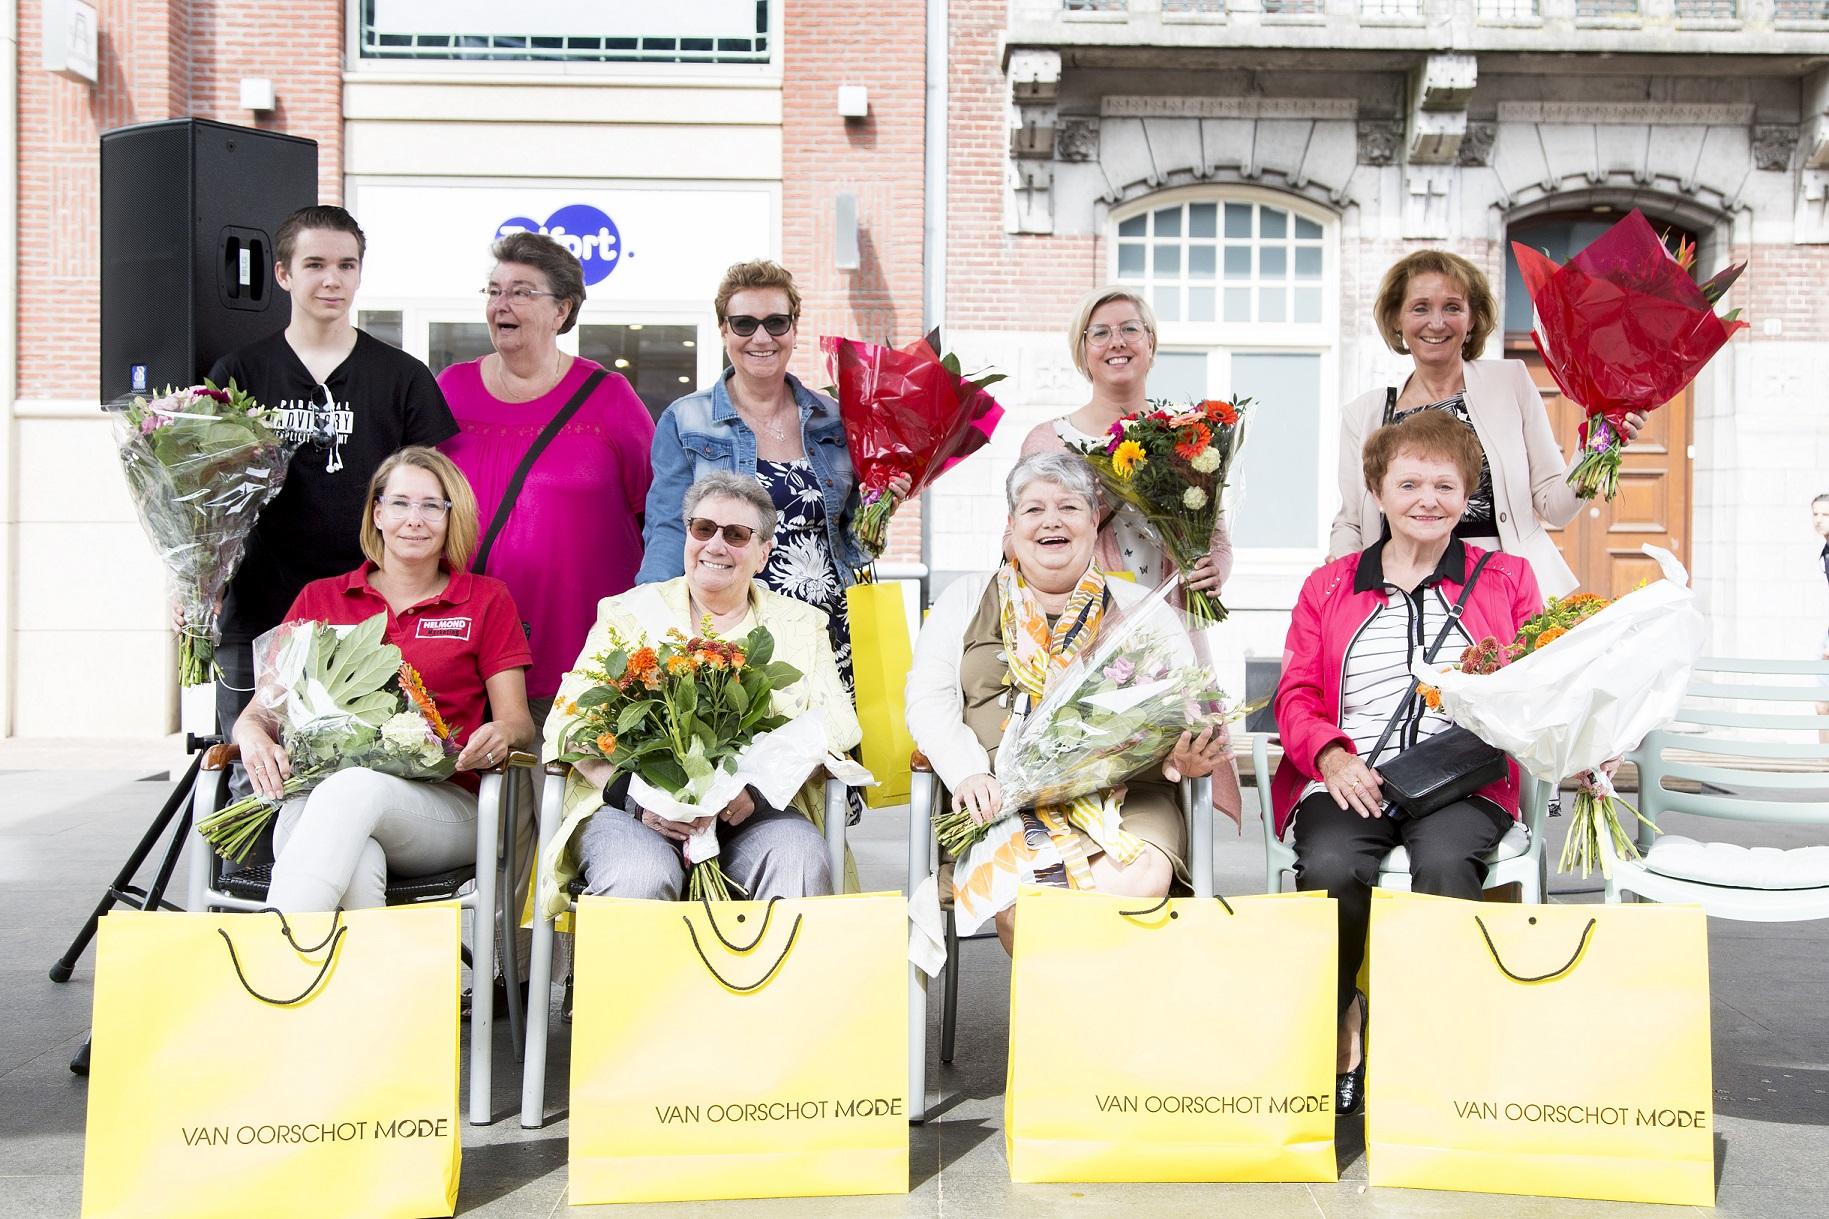 Moeders op het podium. Foto: KVGPhotos